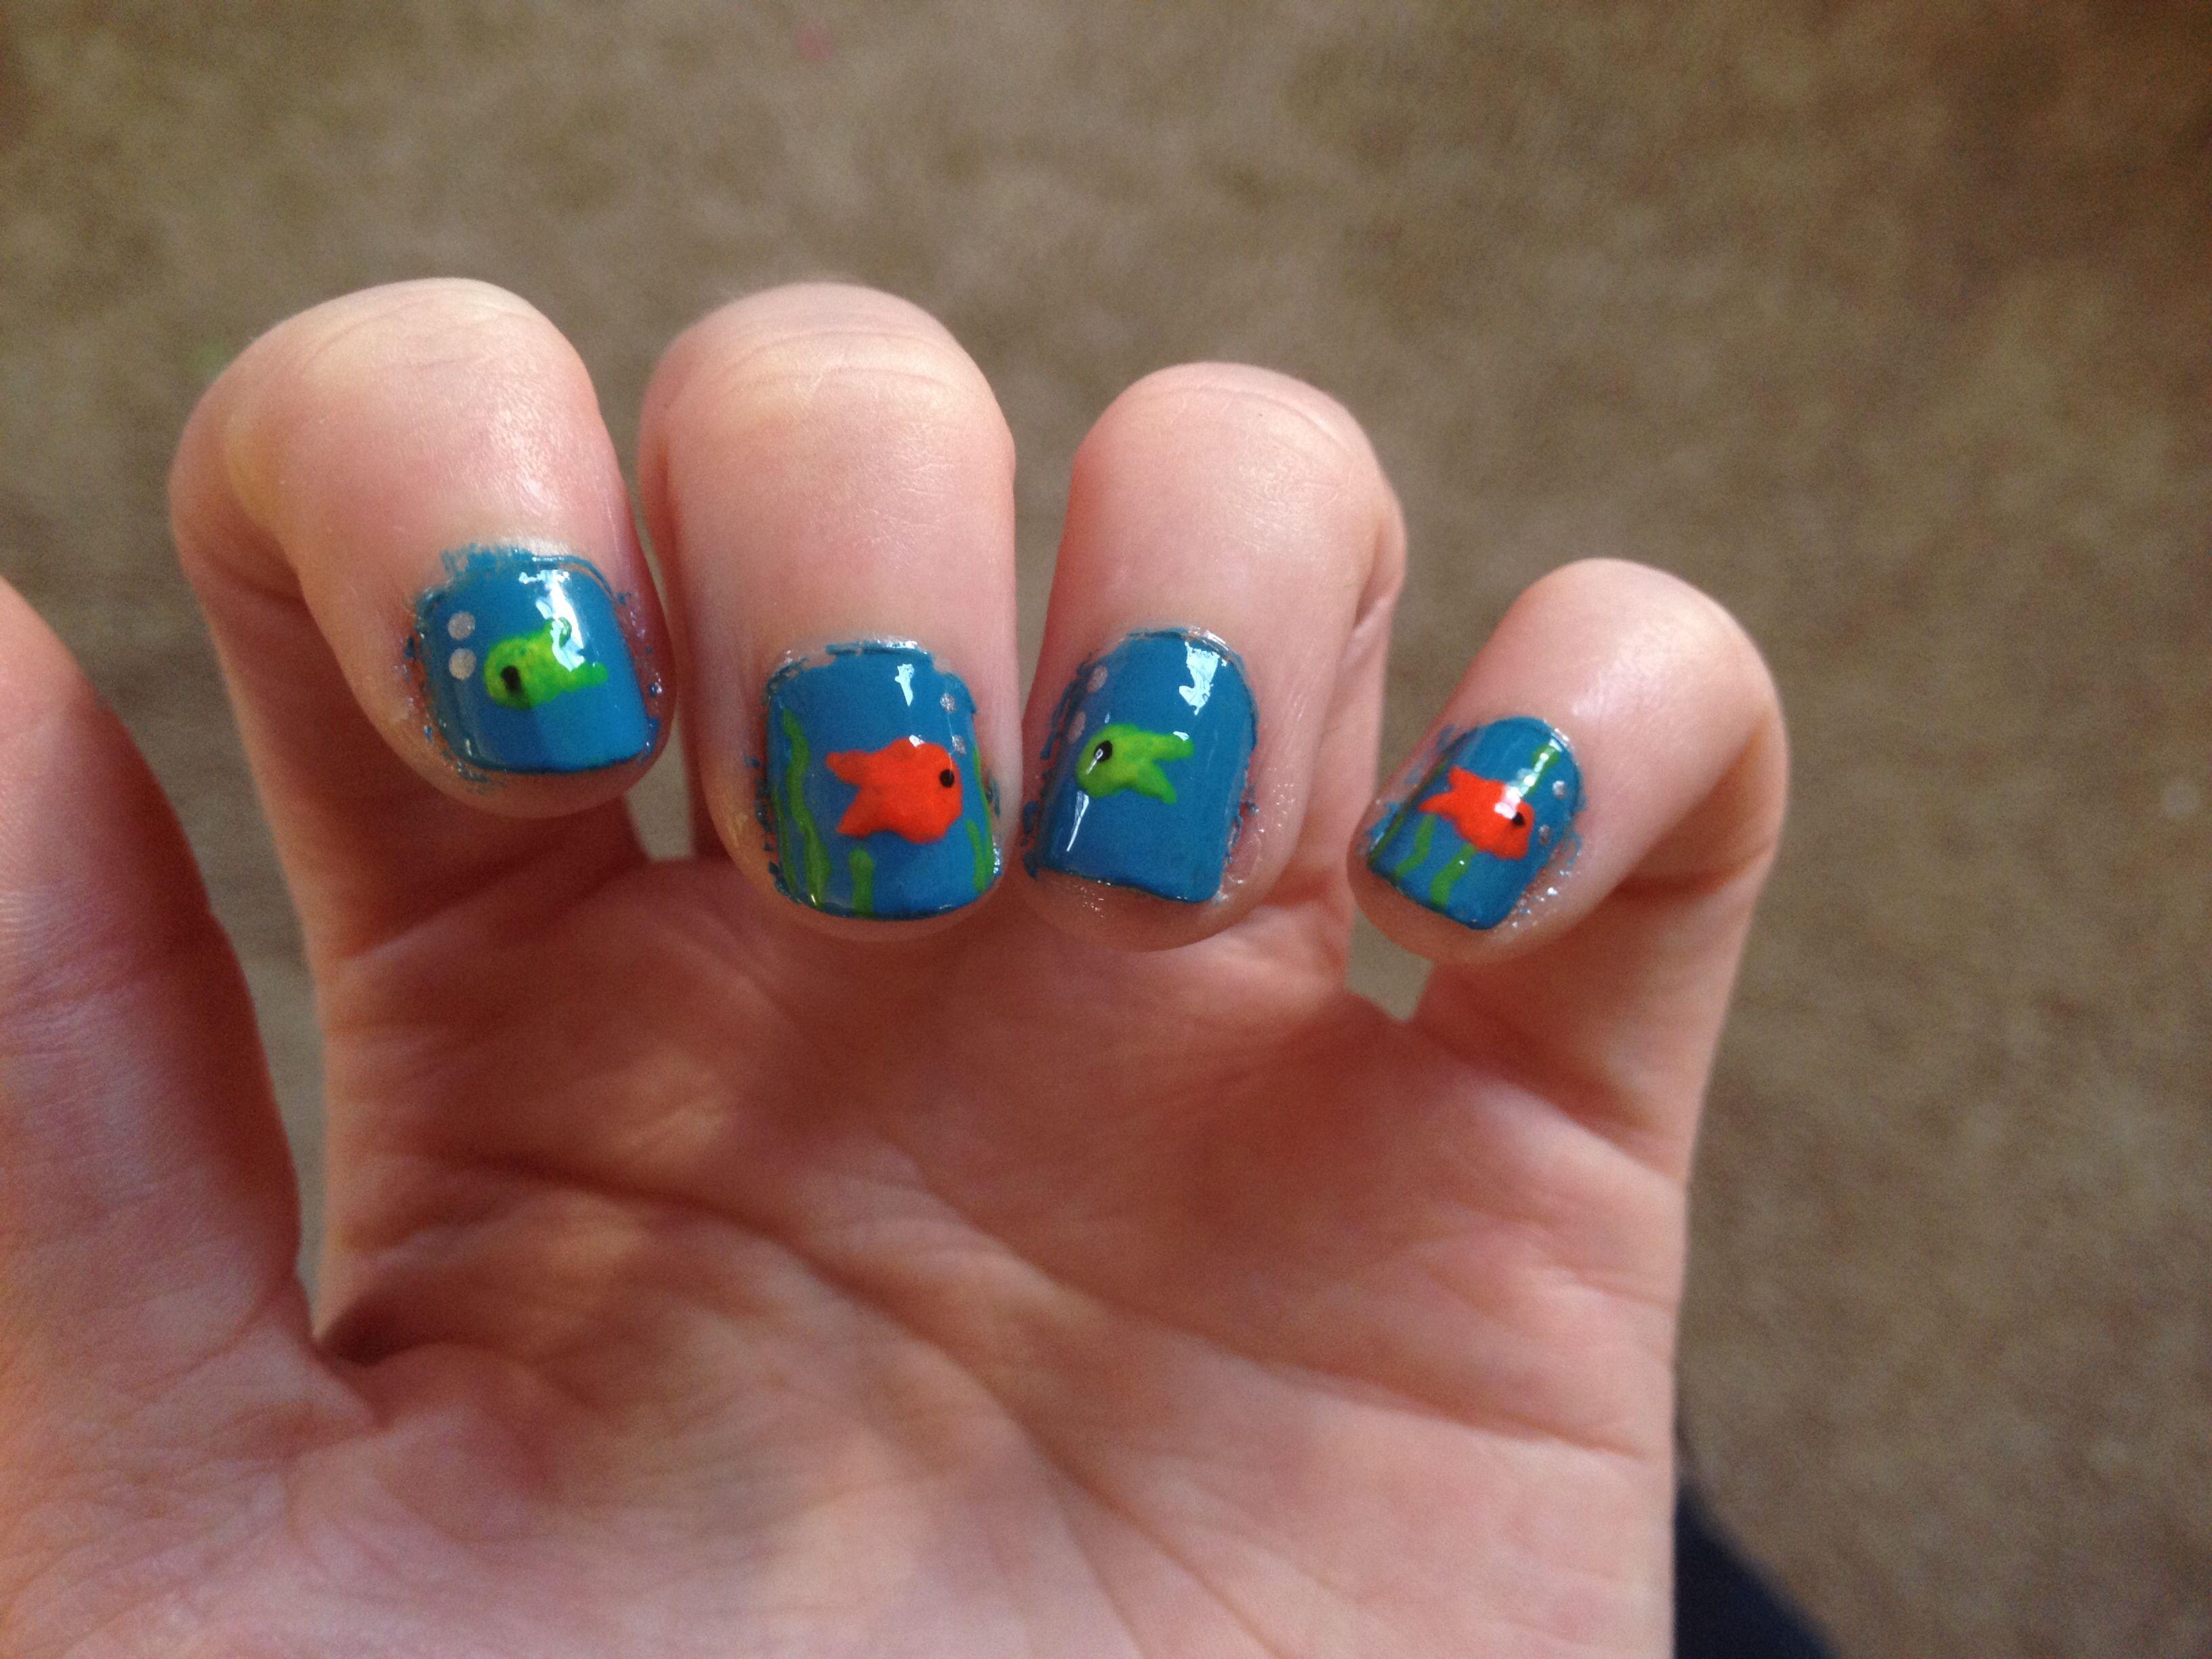 Fish nails!